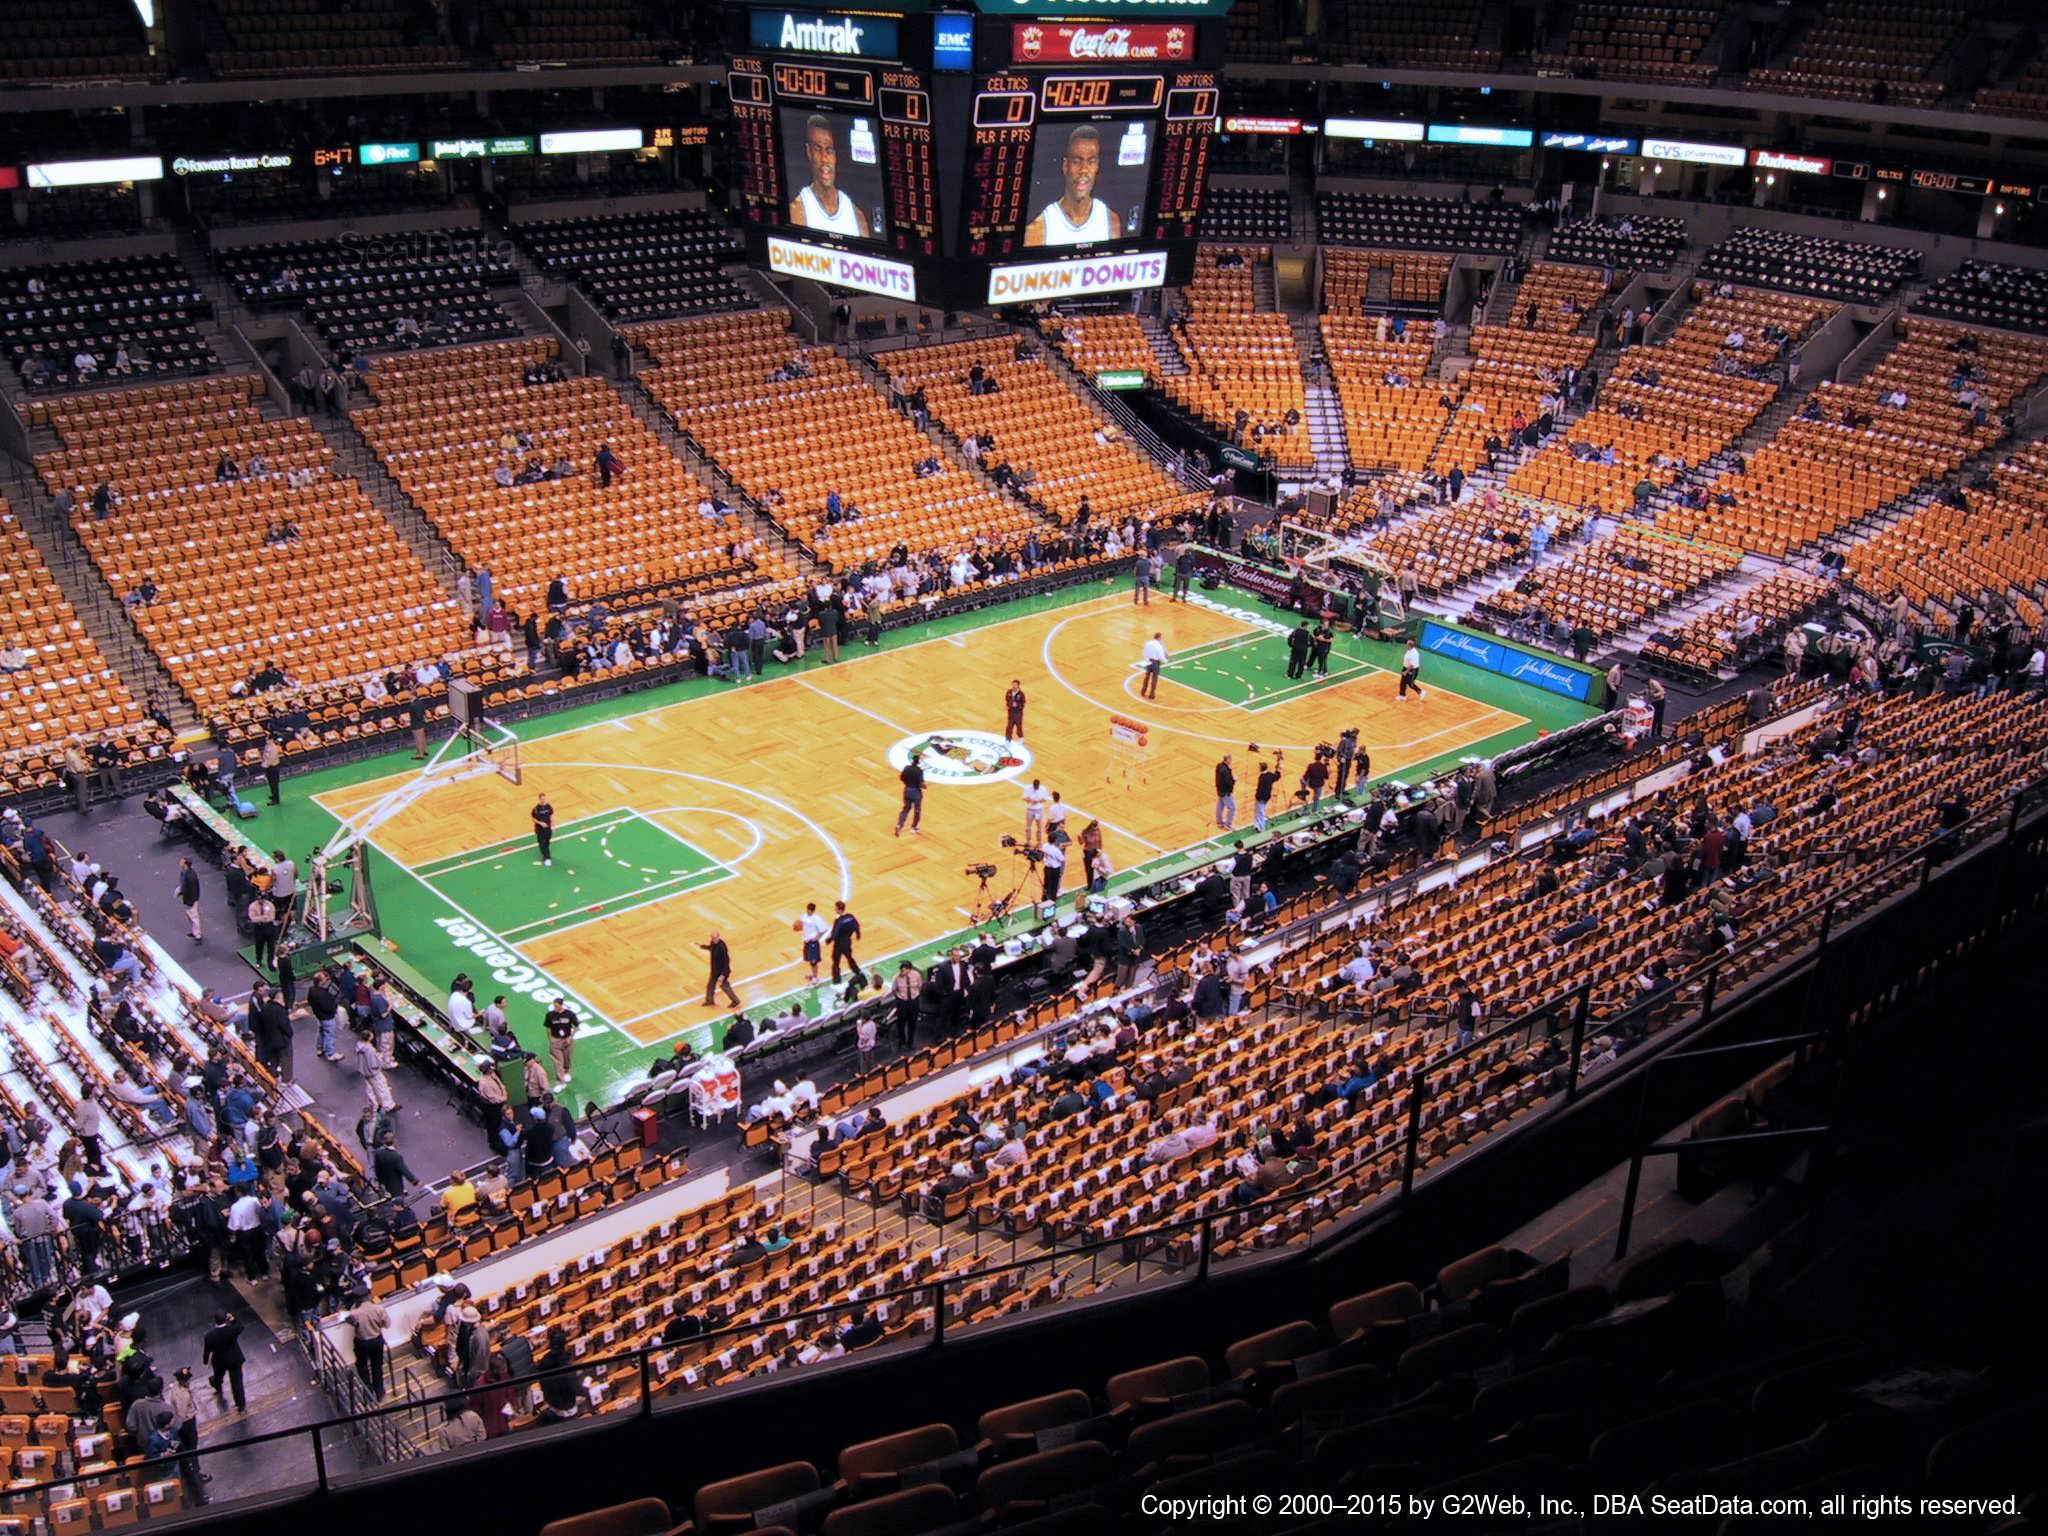 Td Garden Section 304 Boston Celtics